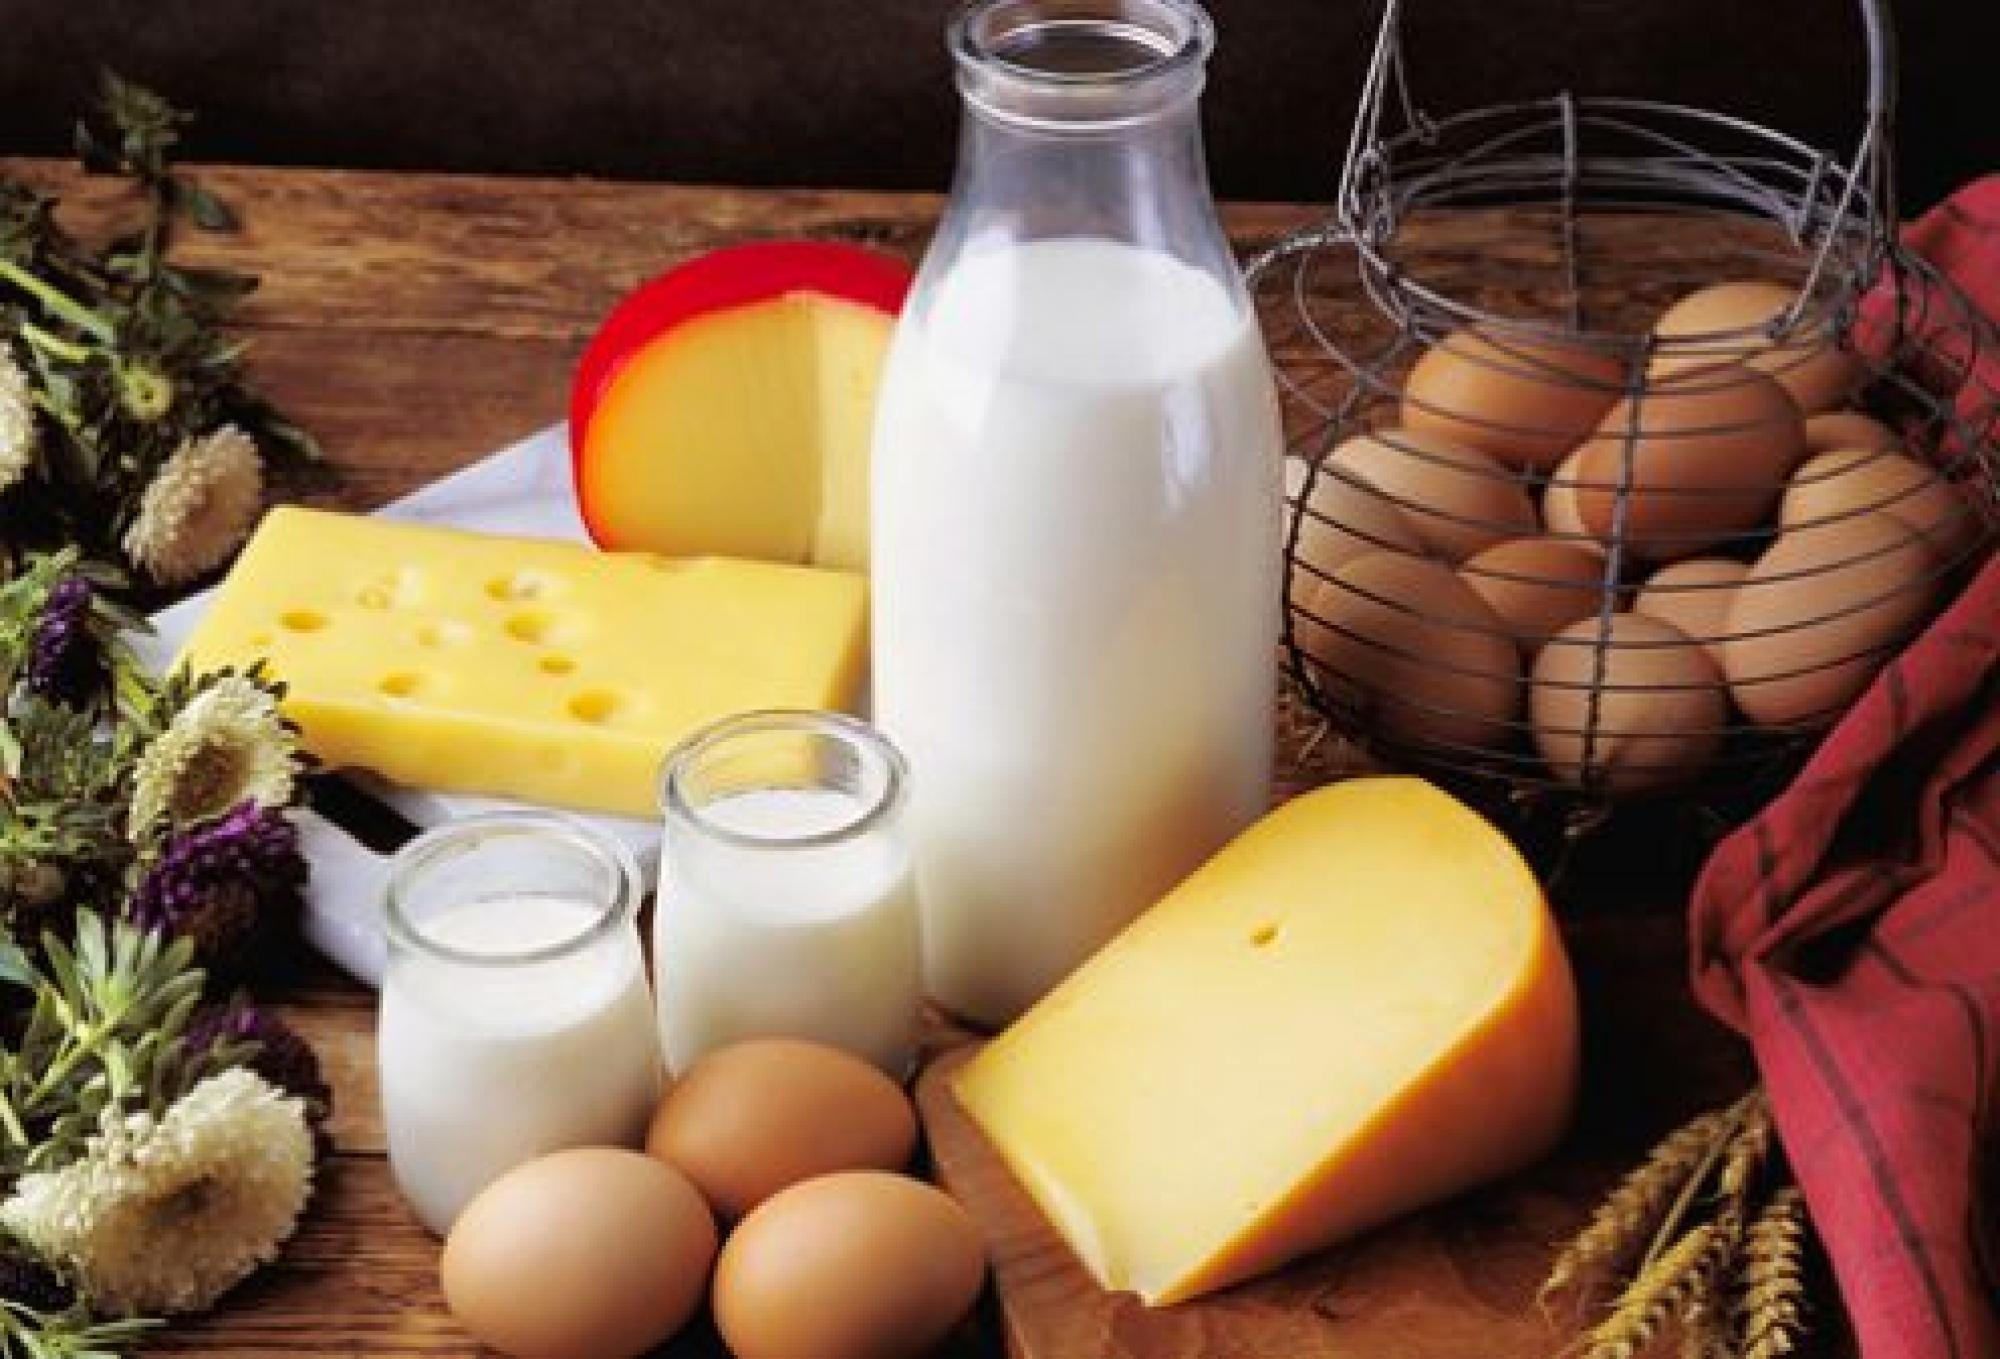 Курс еды: сравниваем цены в супермаркетах Вологды (9-16 февраля)